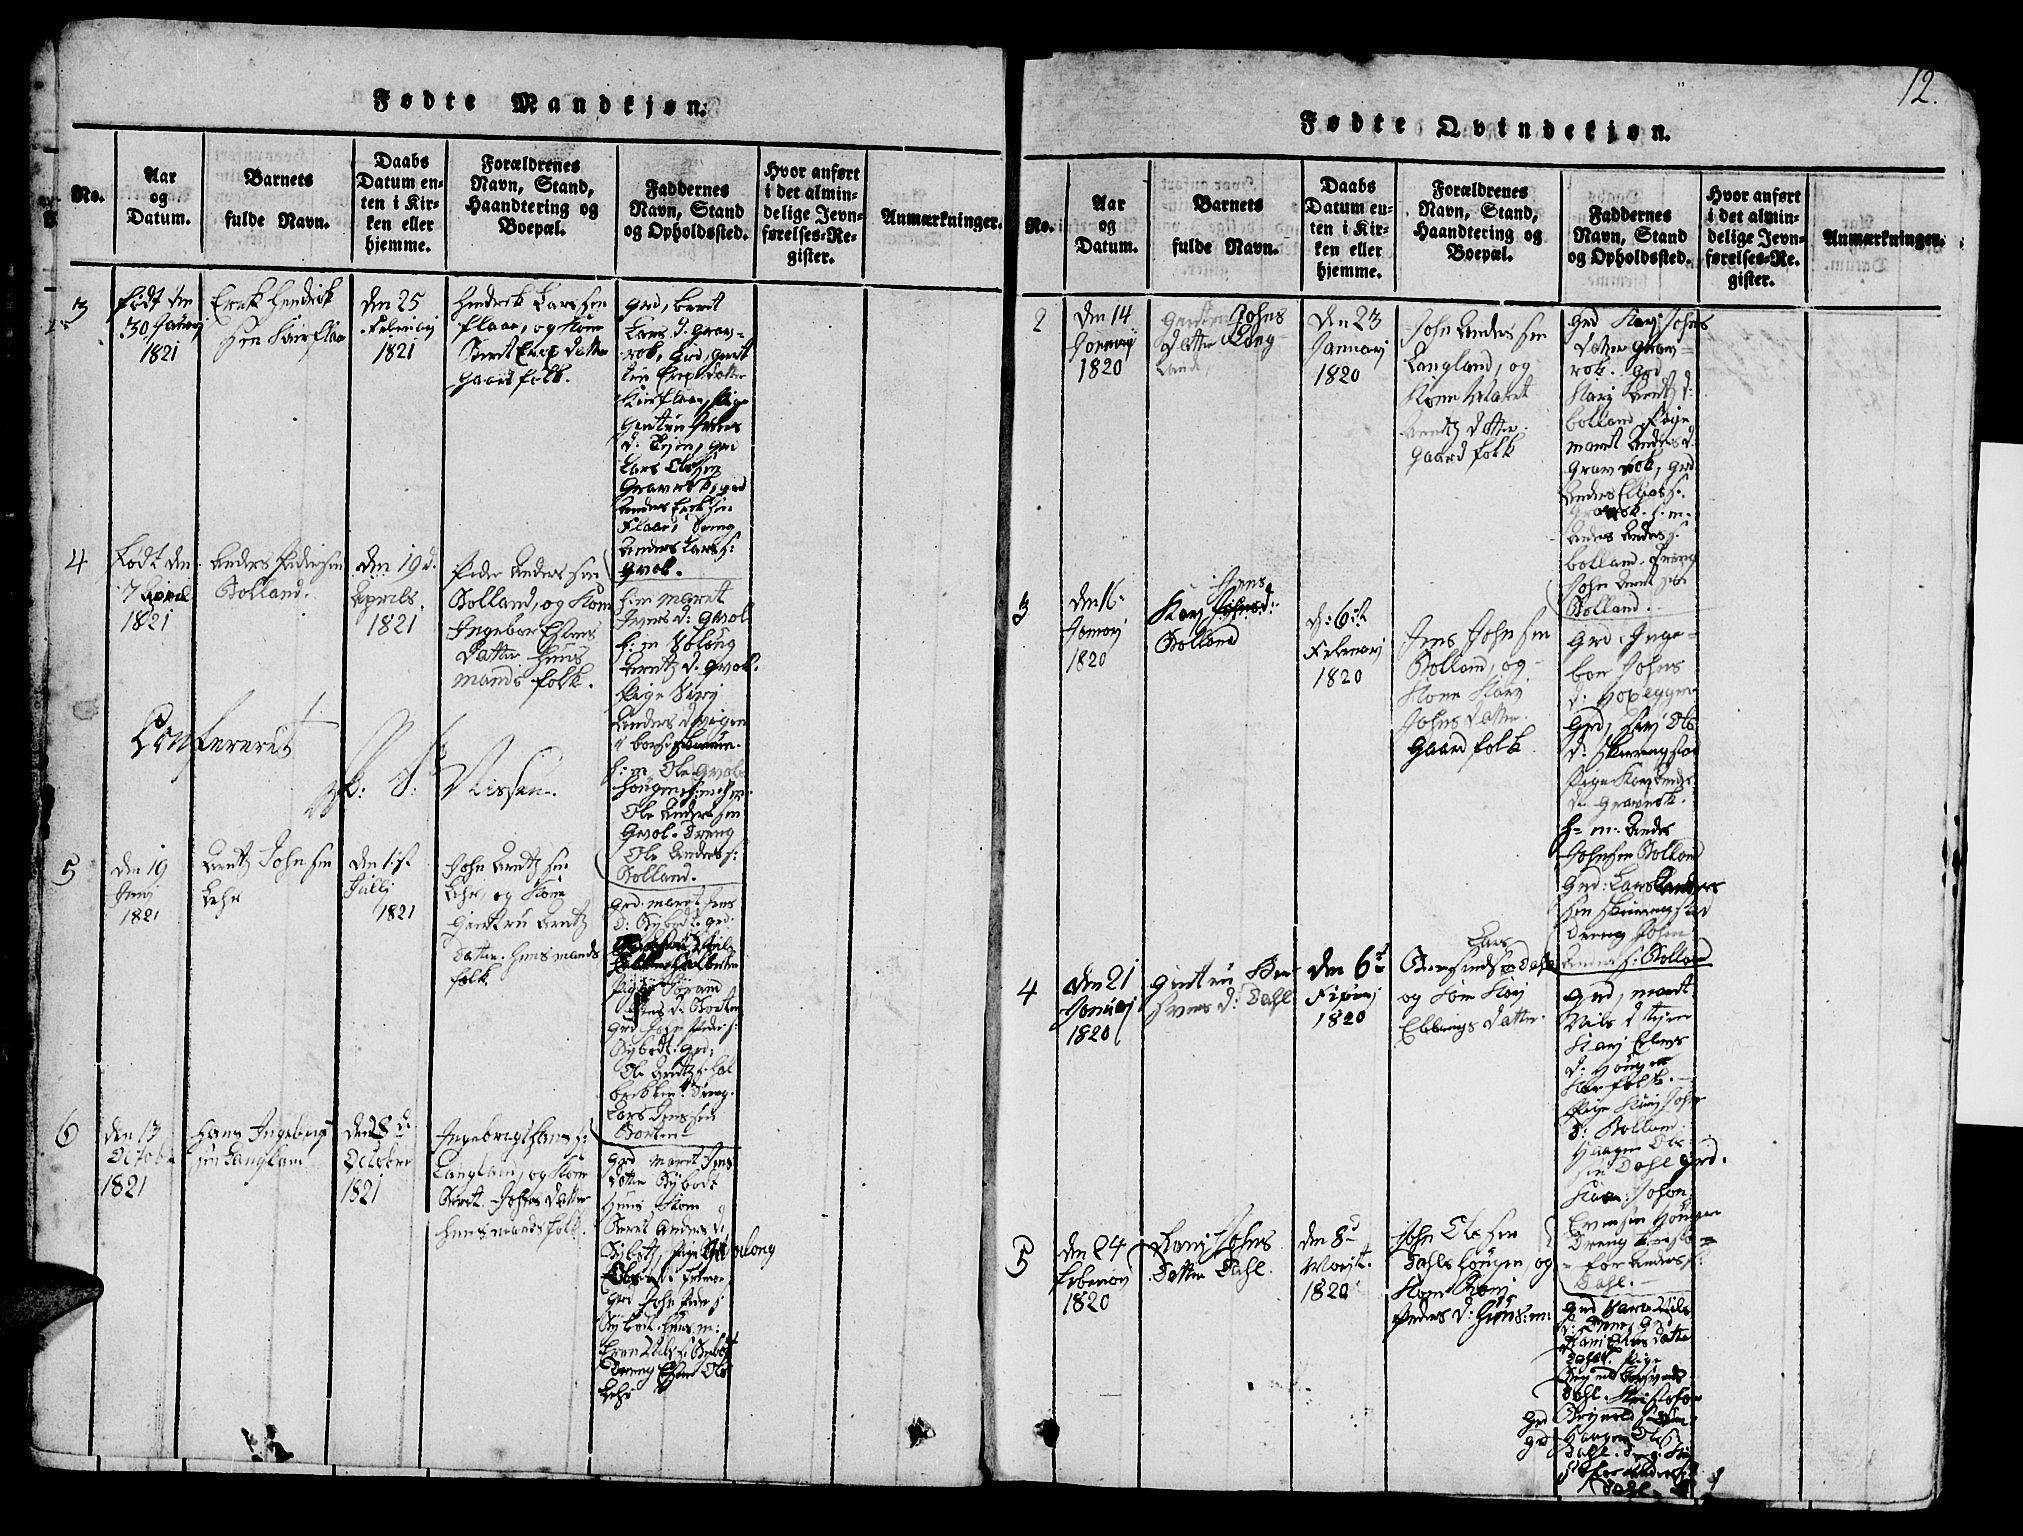 SAT, Ministerialprotokoller, klokkerbøker og fødselsregistre - Sør-Trøndelag, 693/L1121: Klokkerbok nr. 693C02, 1816-1869, s. 12